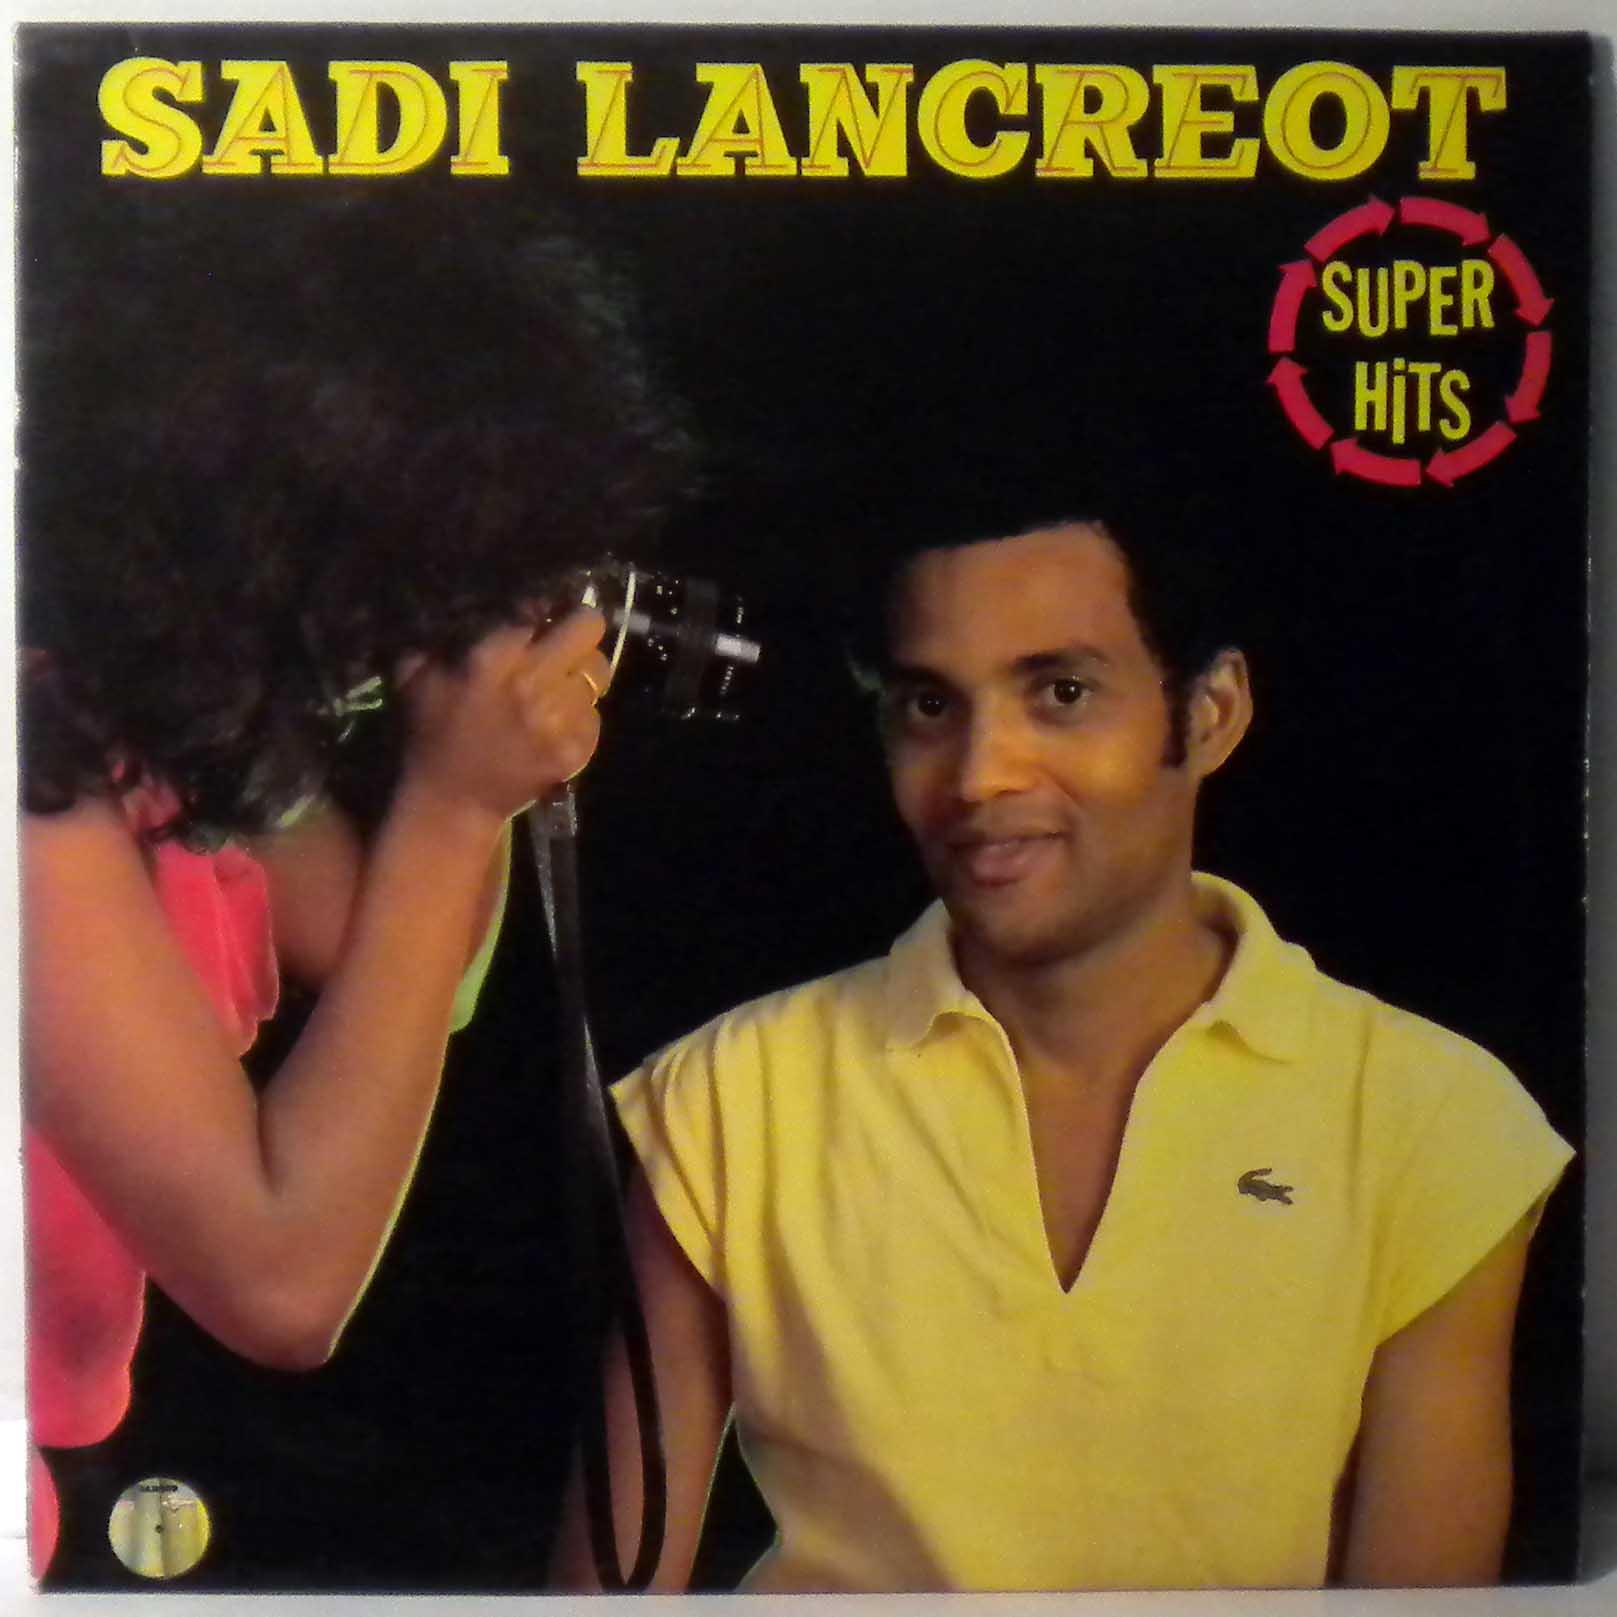 SADI LANCREOT - Super hits - LP